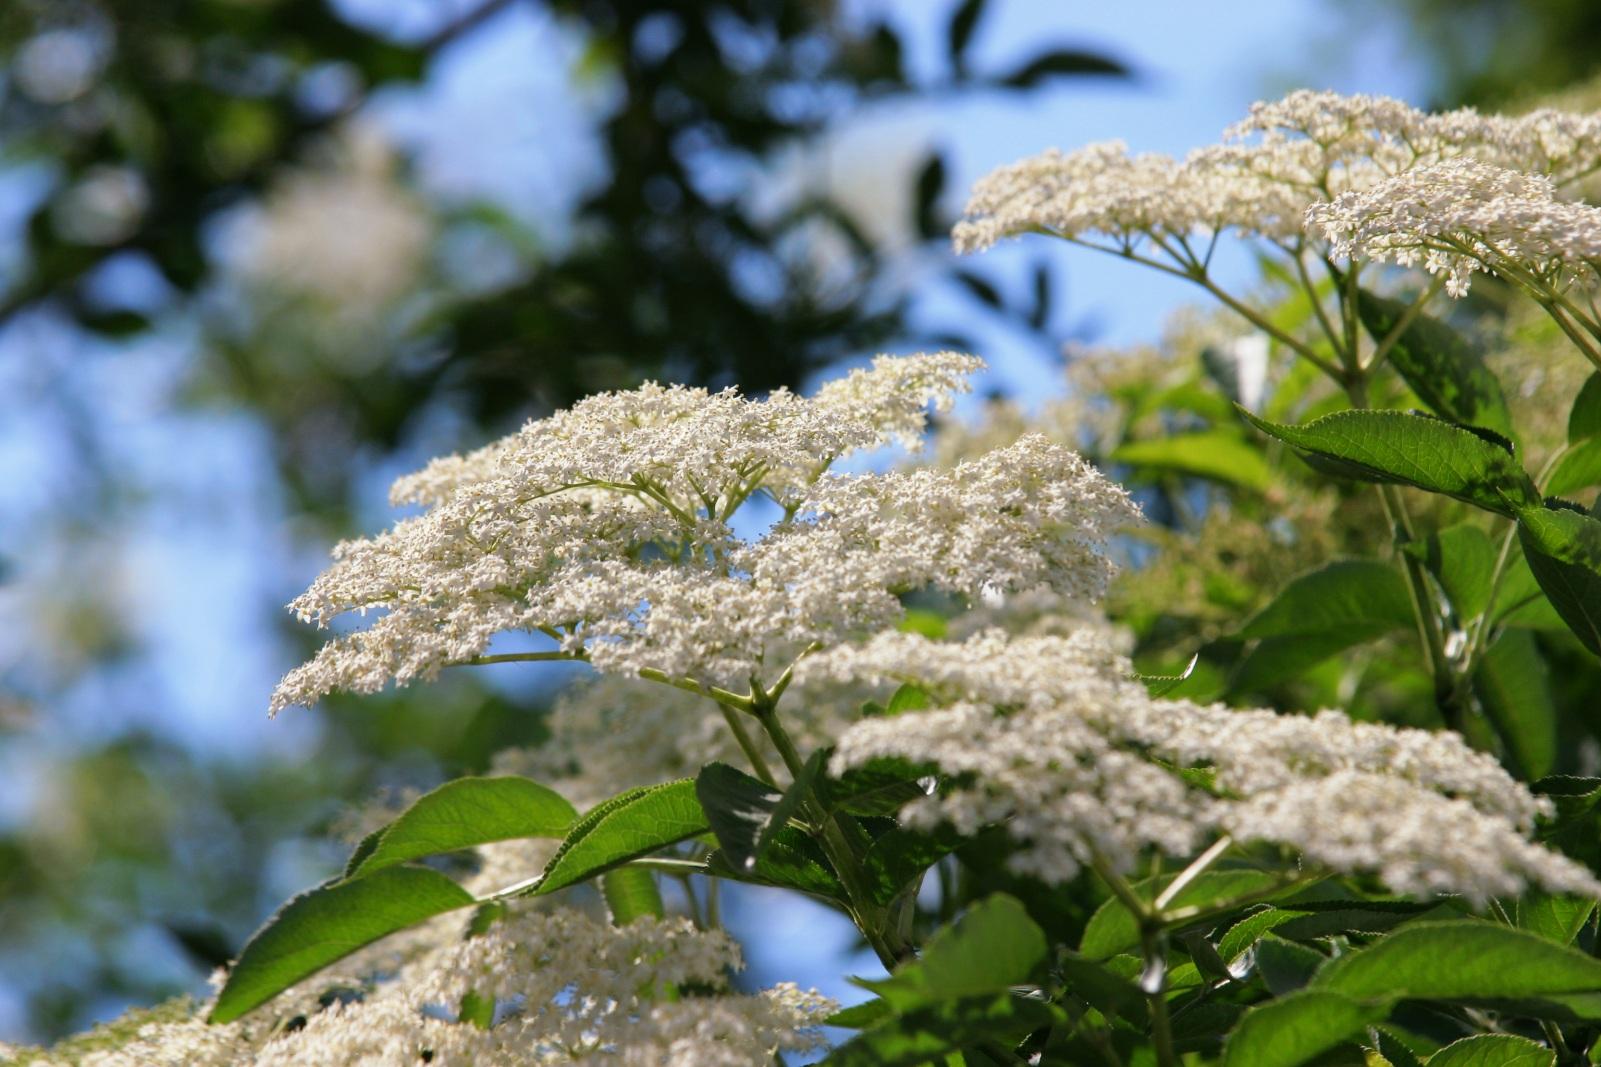 I bellissimi e profumatissimi fiori di sambuco